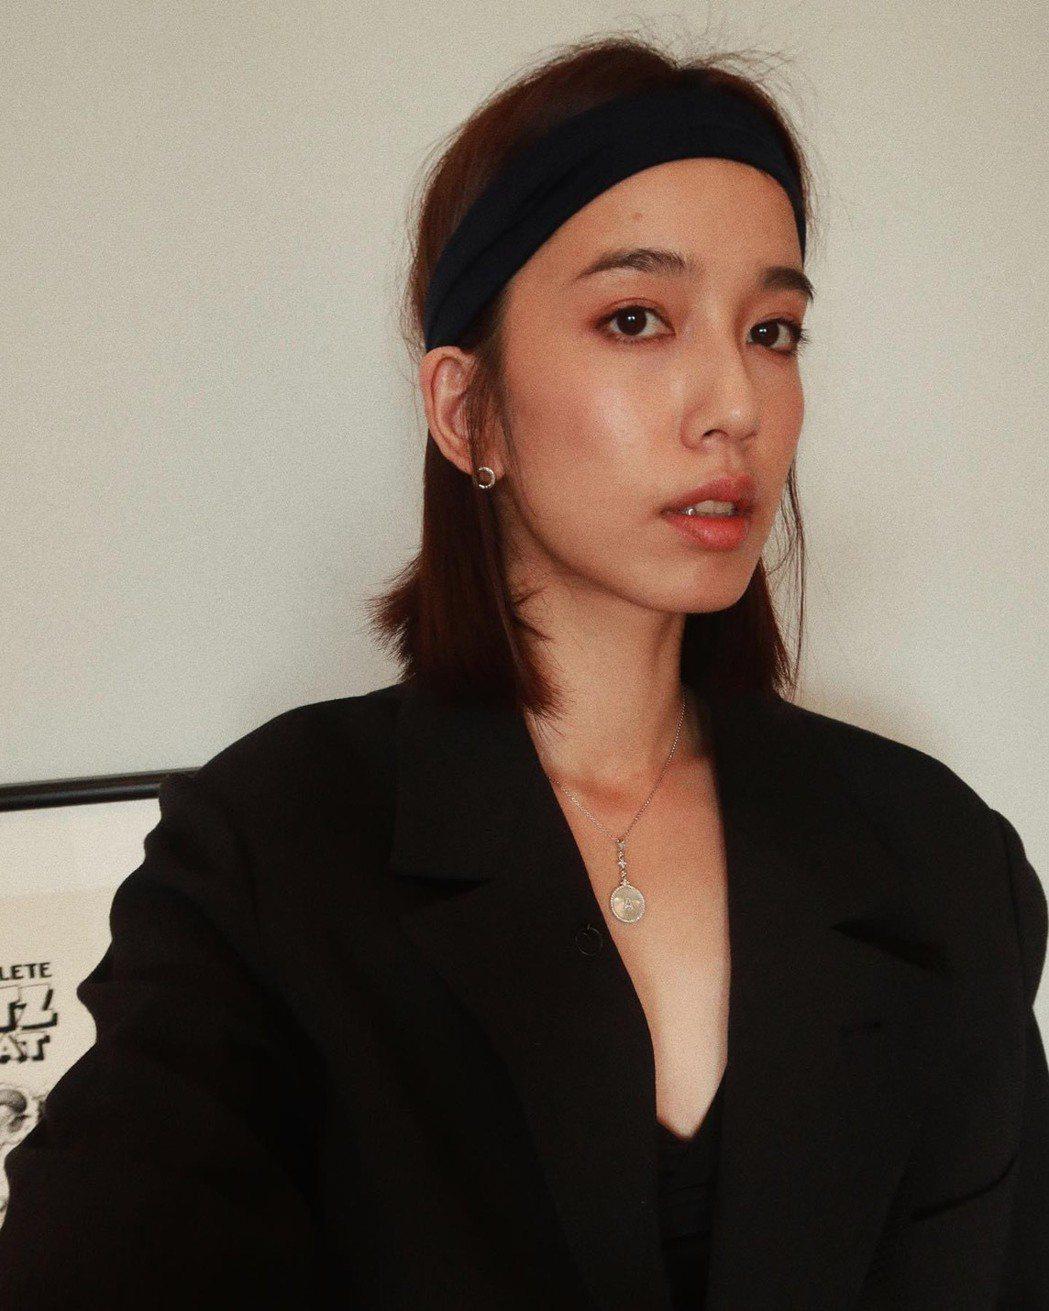 陳庭妮主演的「愛情發生在三天後」將復拍。圖/摘自臉書